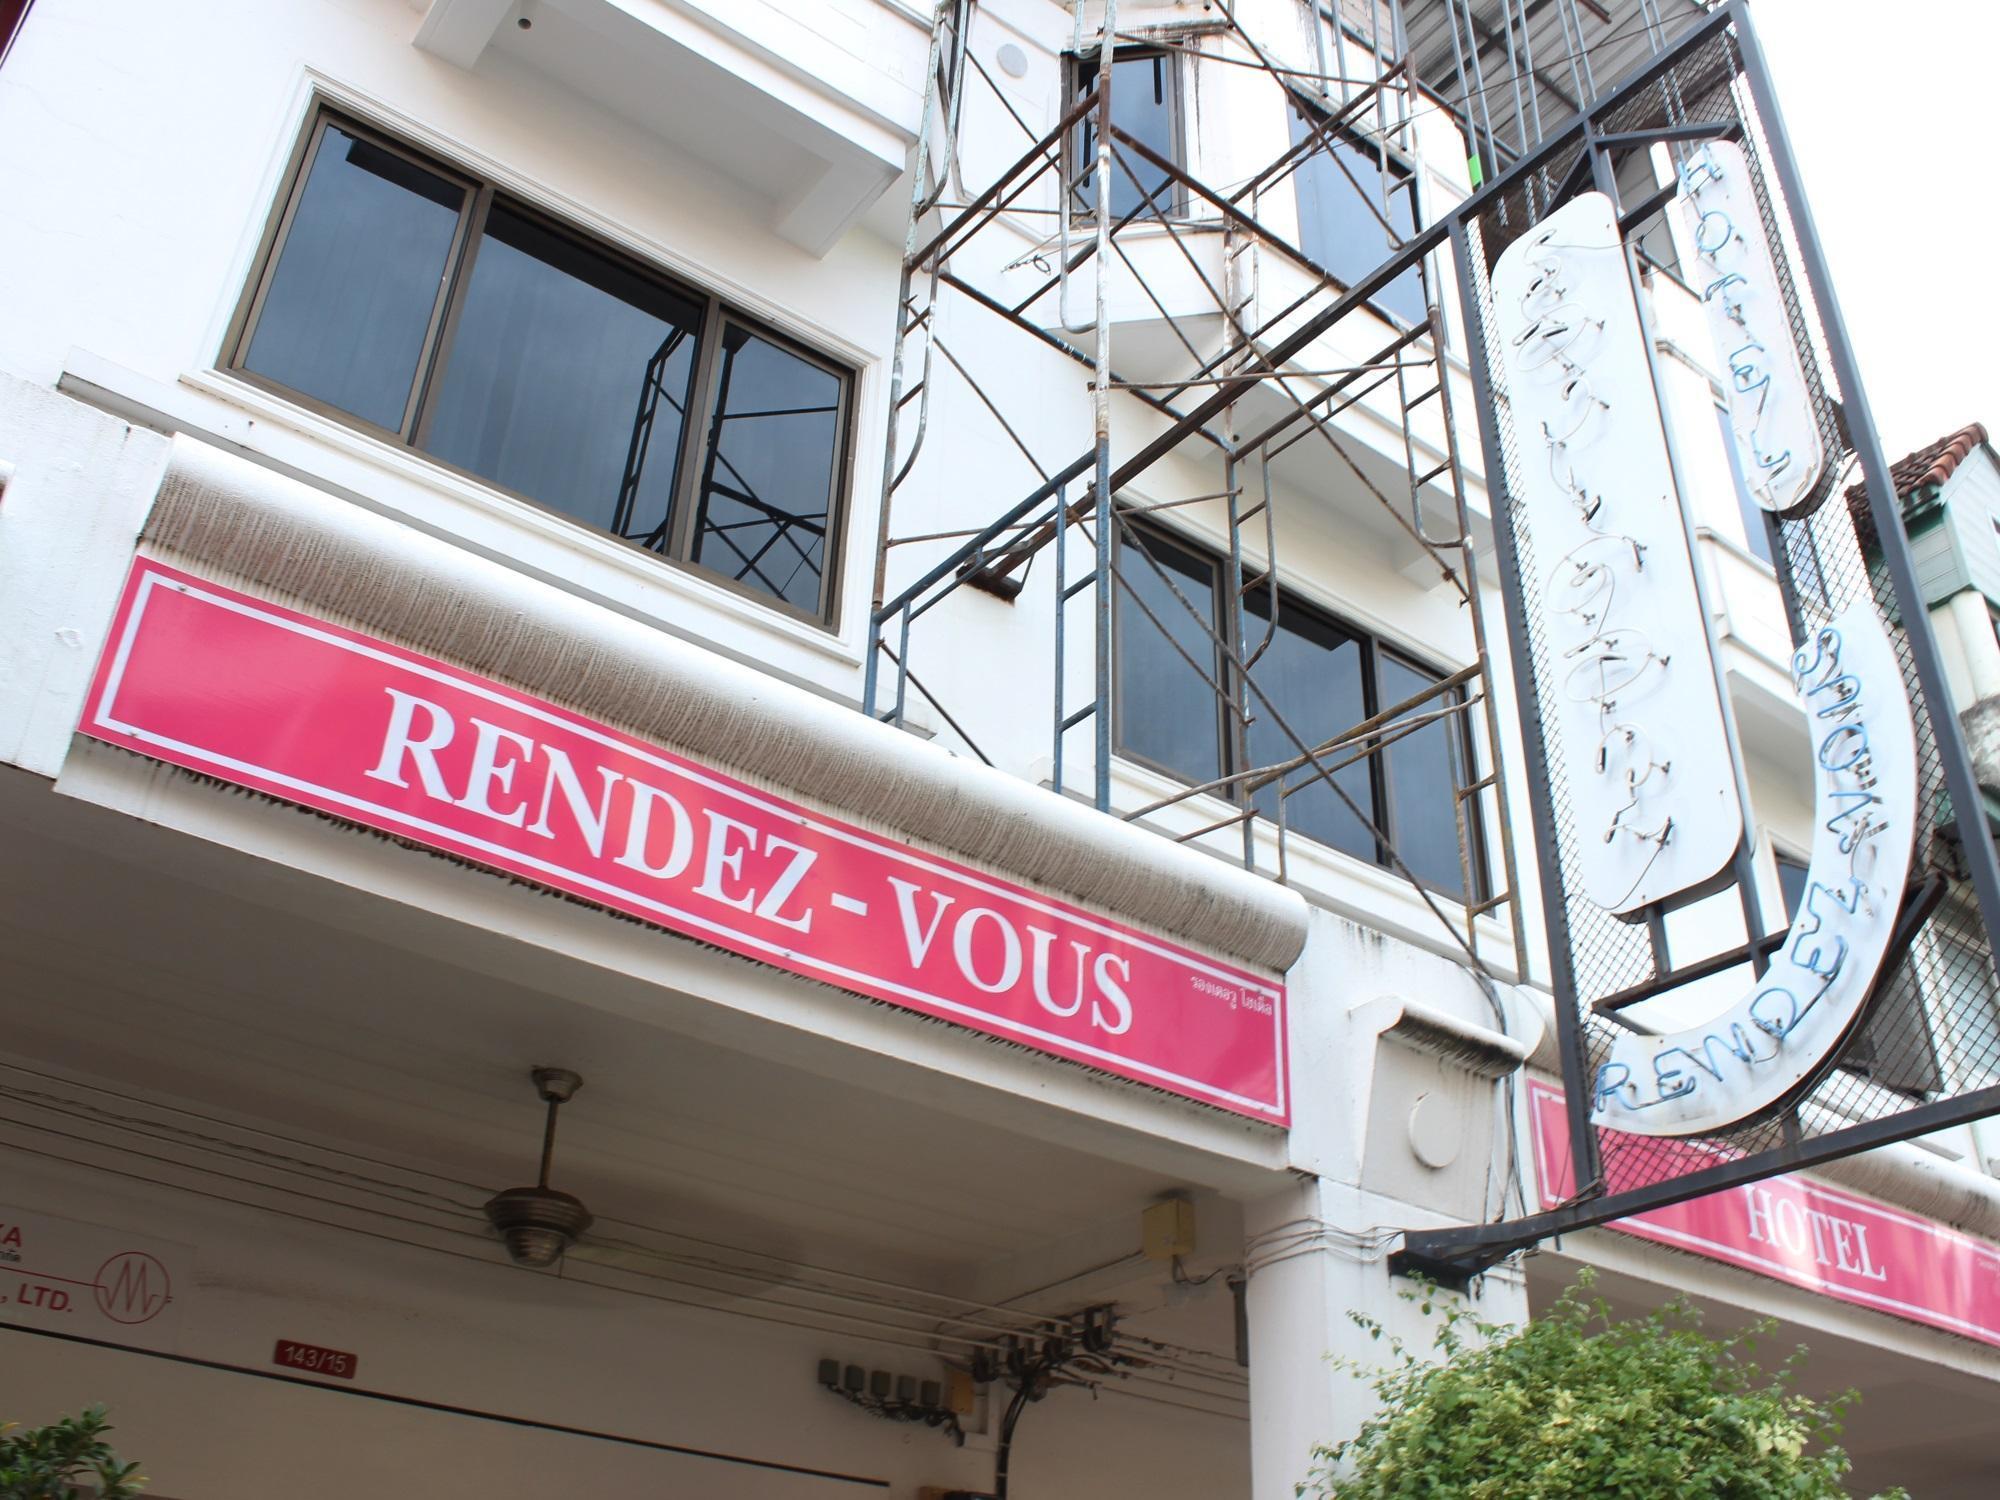 Hotell Rendez Vous Hotel i Patong, Phuket. Klicka för att läsa mer och skicka bokningsförfrågan